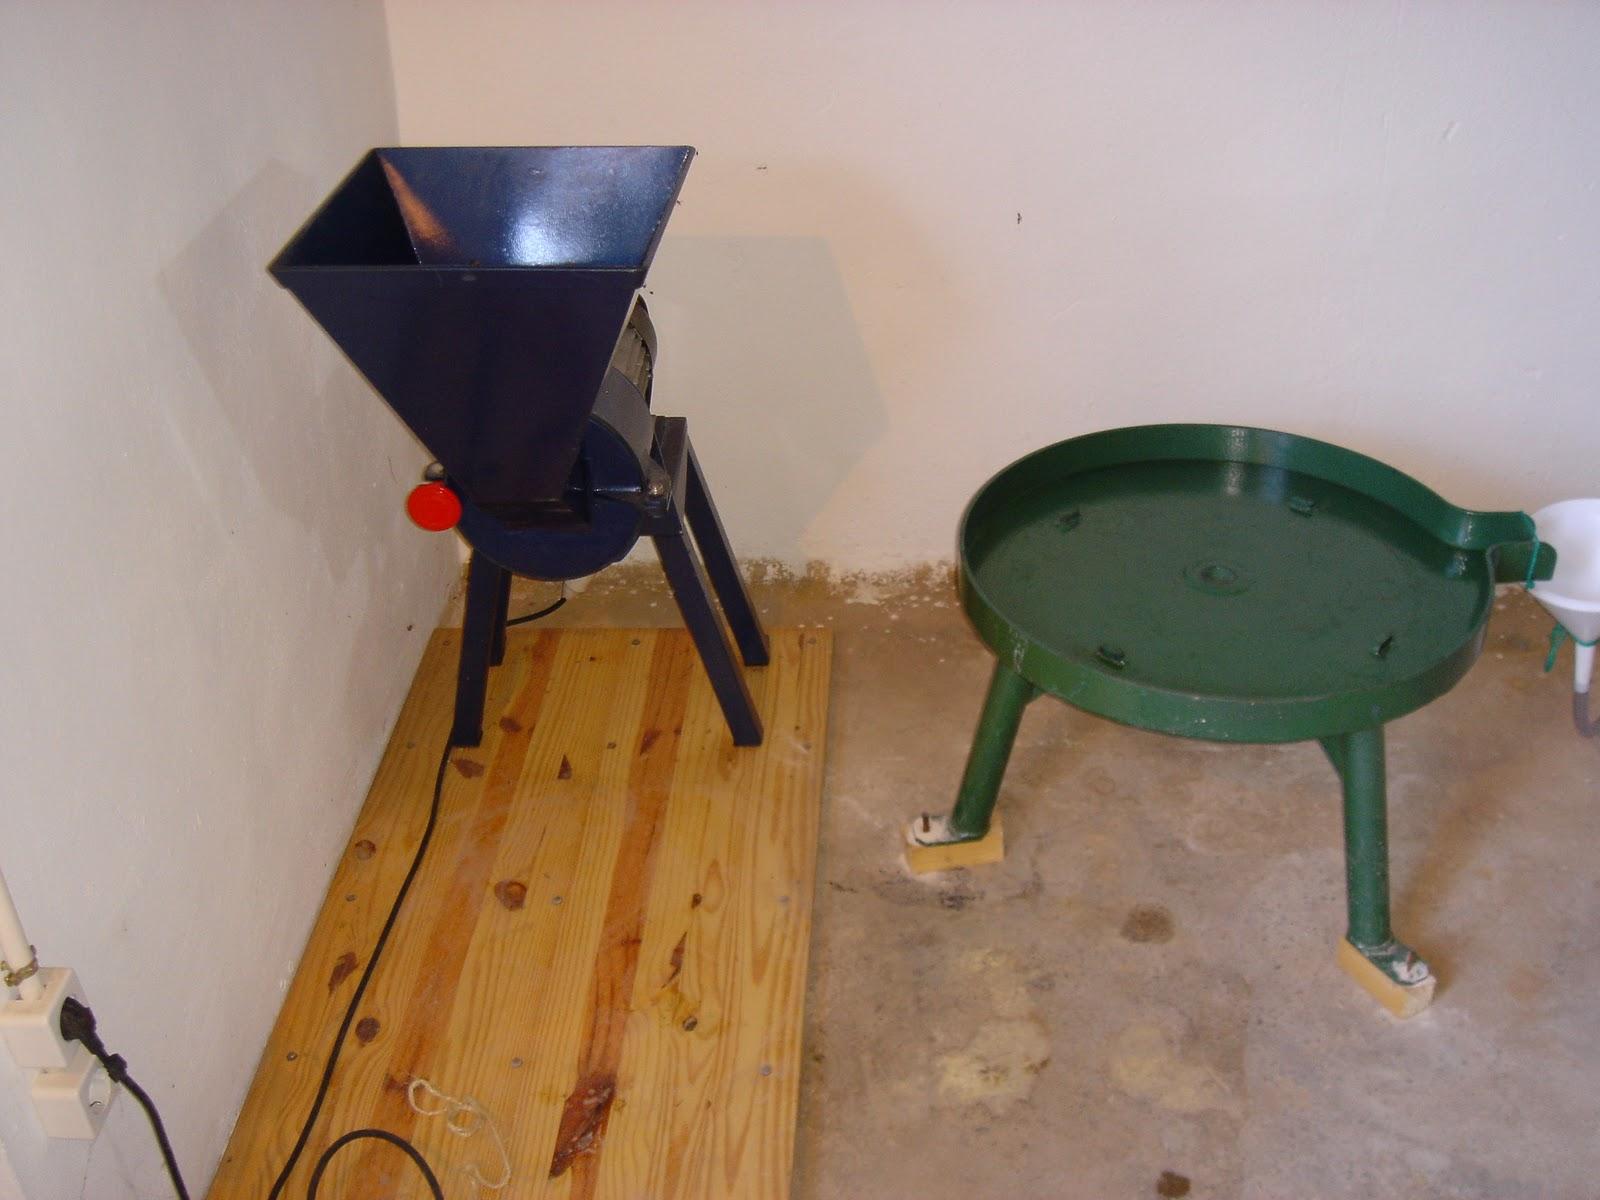 C mo hacer aceite aceite de oliva casero el proceso paso - Trituradora de ramas casera ...